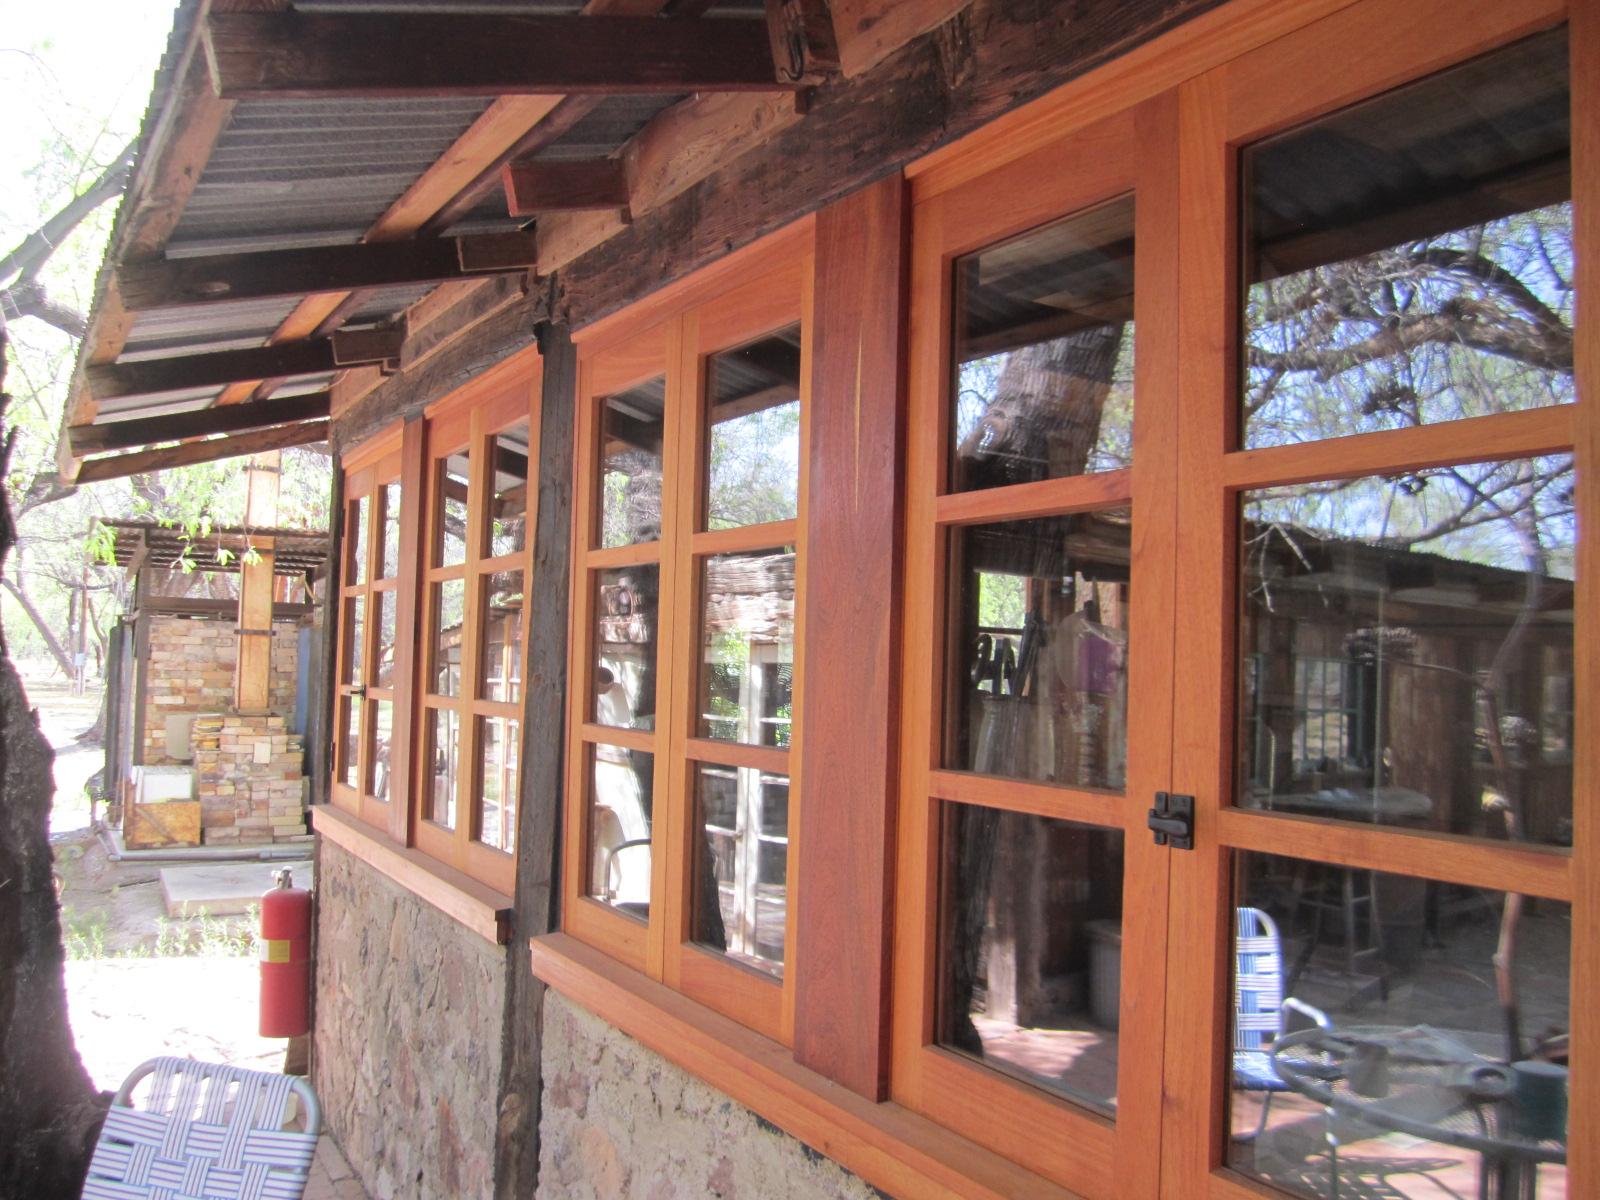 Spanish cedar windows